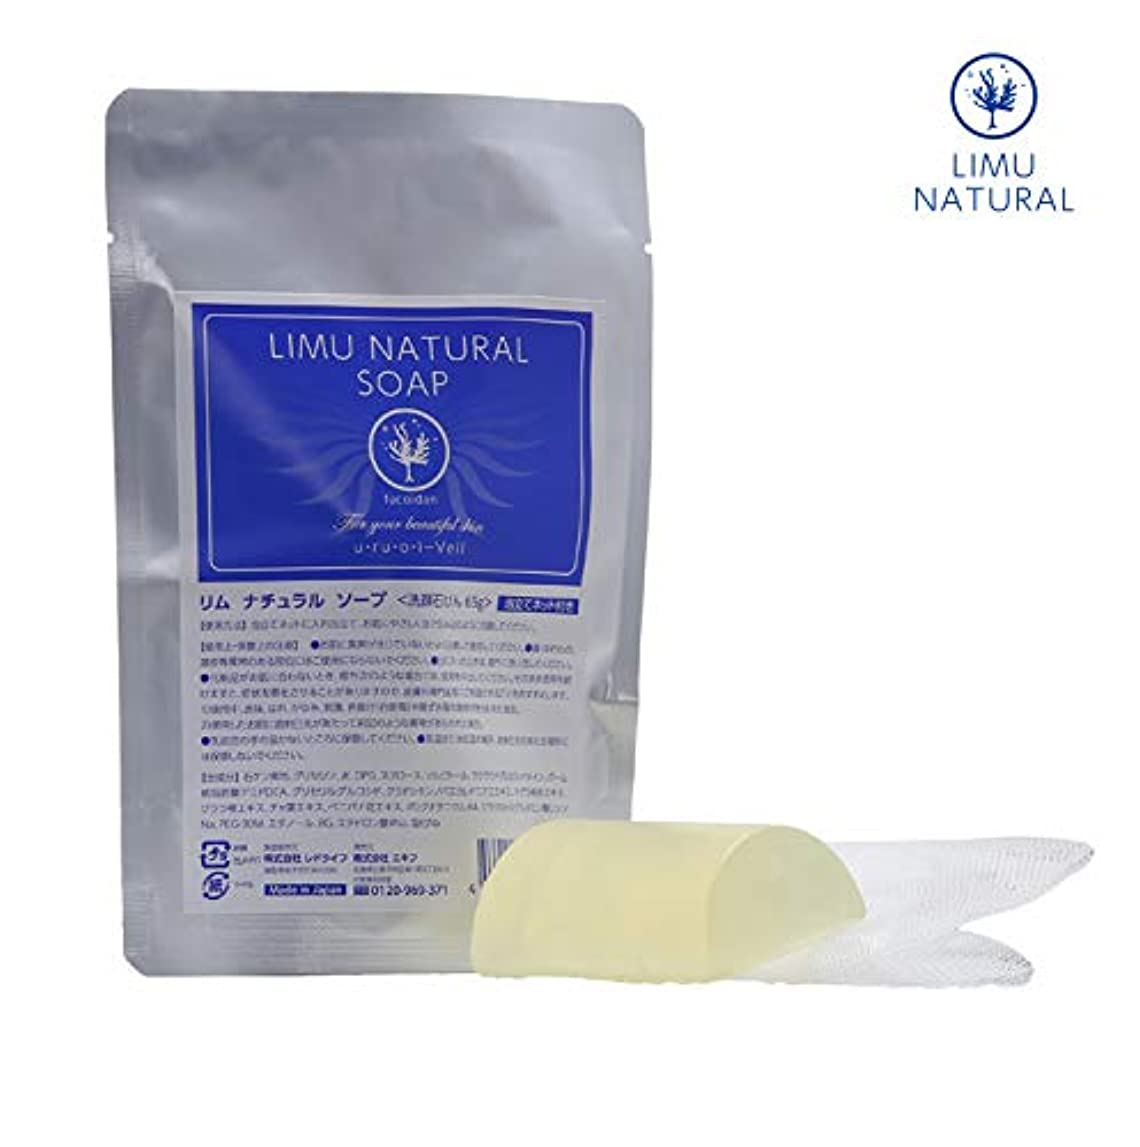 ハグショート逆にリムナチュラルソープ LIMU NATURAL SOAP ヌルあわ洗顔石けん 泡だてネット付き「美白&保湿」「フコイダン」+「グリセリルグルコシド」天然植物成分を贅沢に配合 W効果 日本製